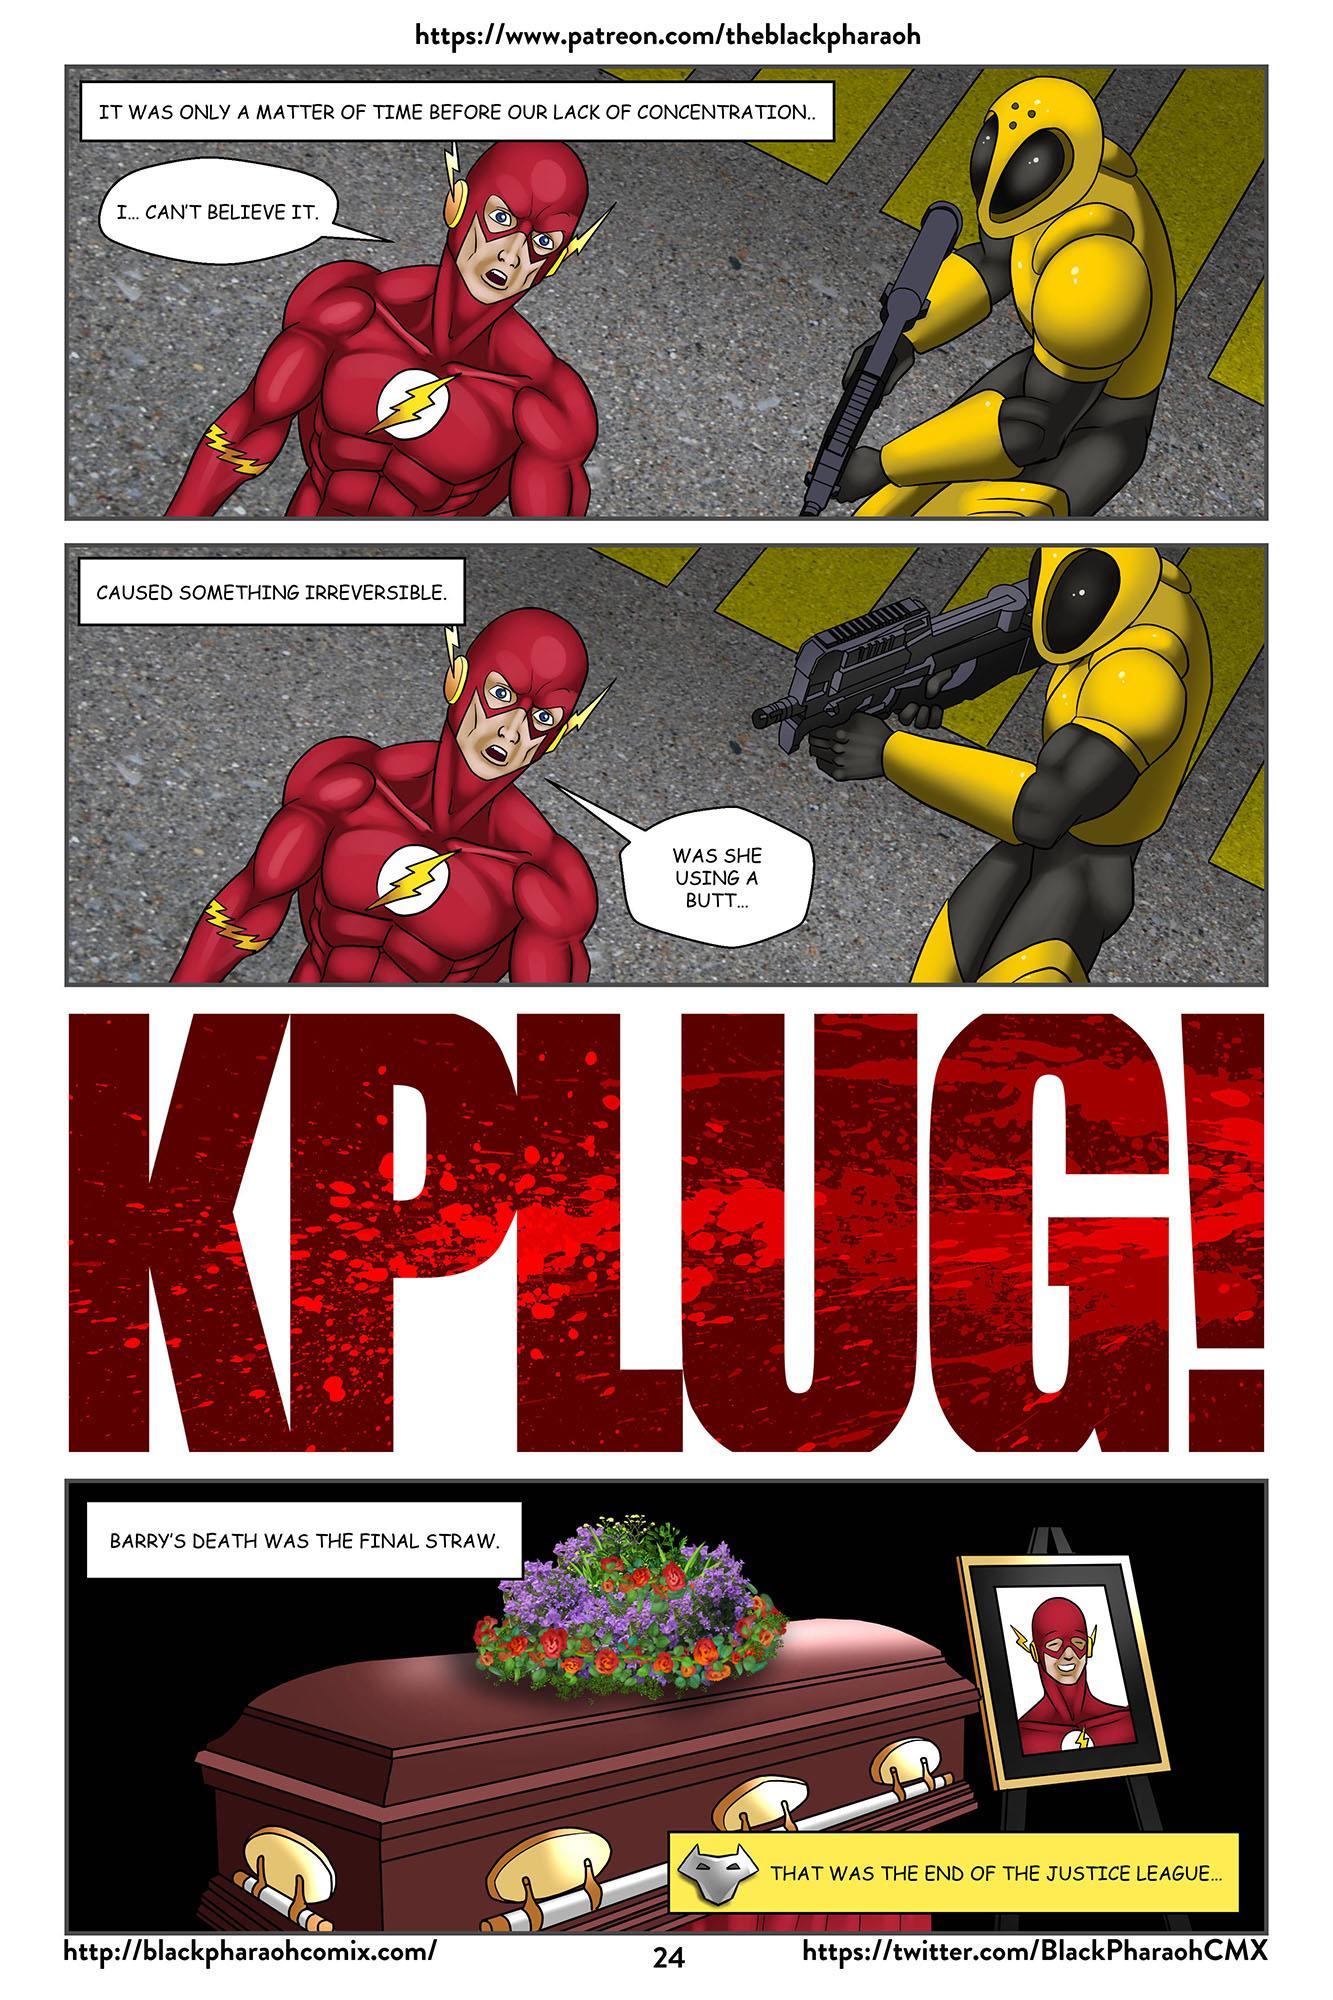 The Inner Joke (Justice League) - Foto 25